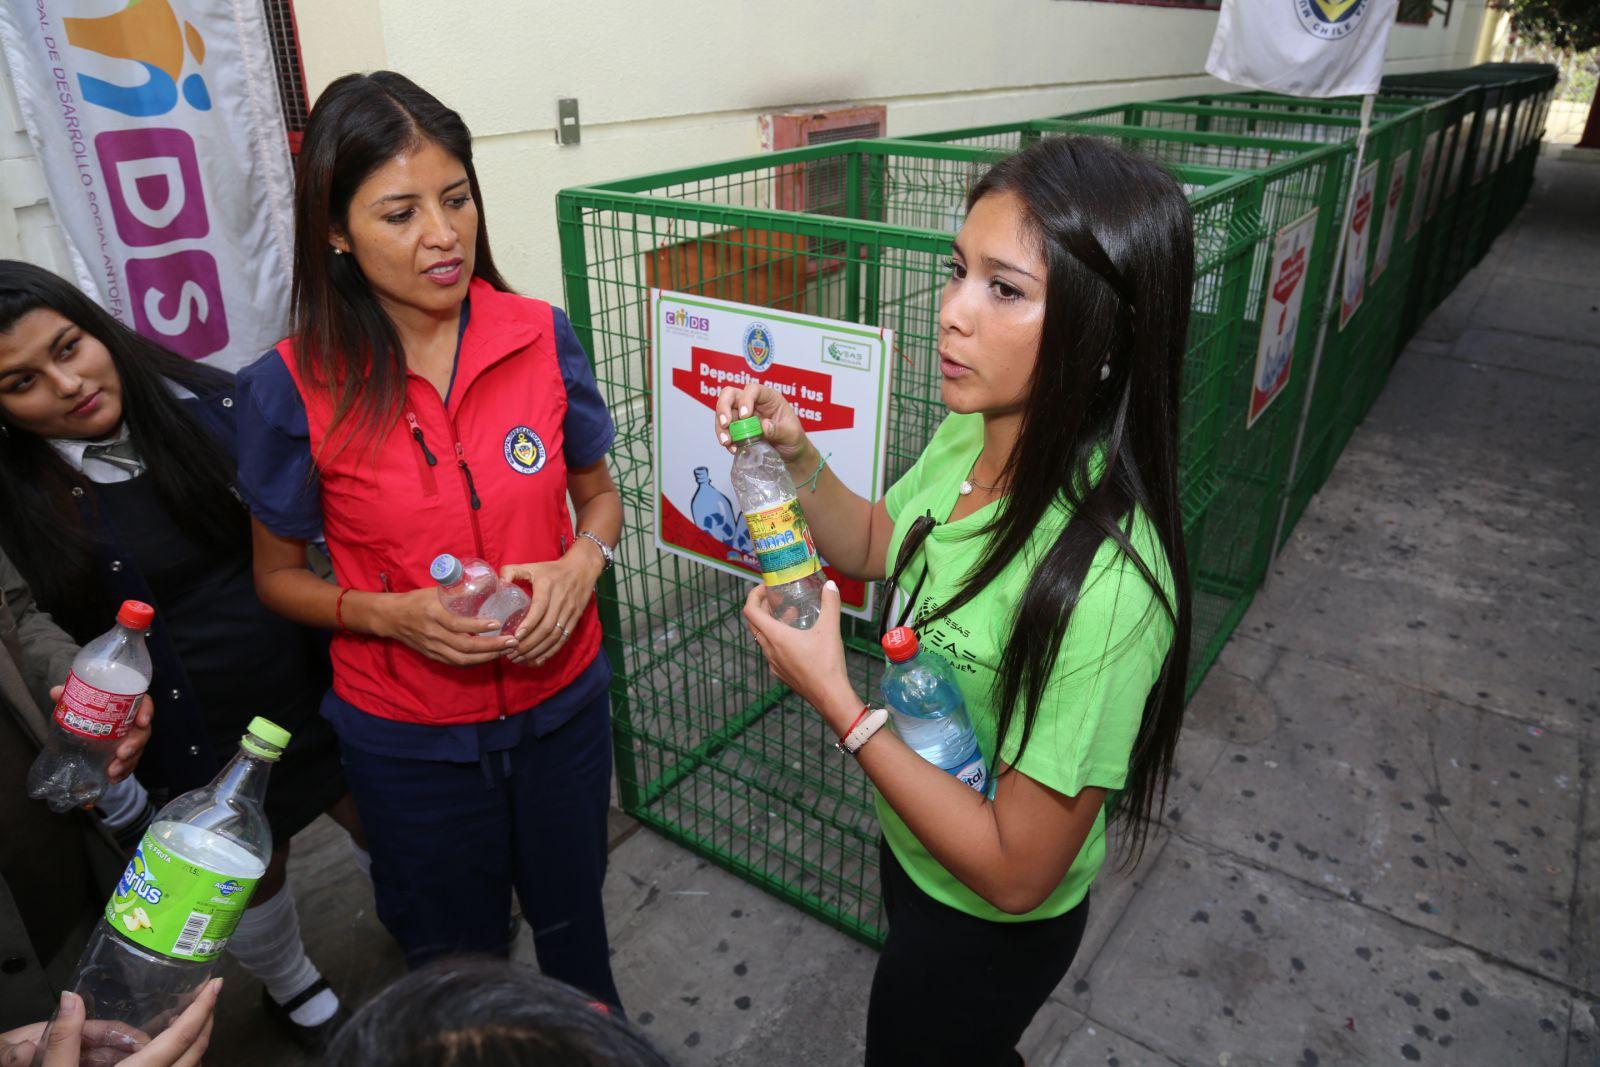 alcaldesa-lanza-plan-de-reciclaje-en-establecimientos-educacionales-de-antofagasta